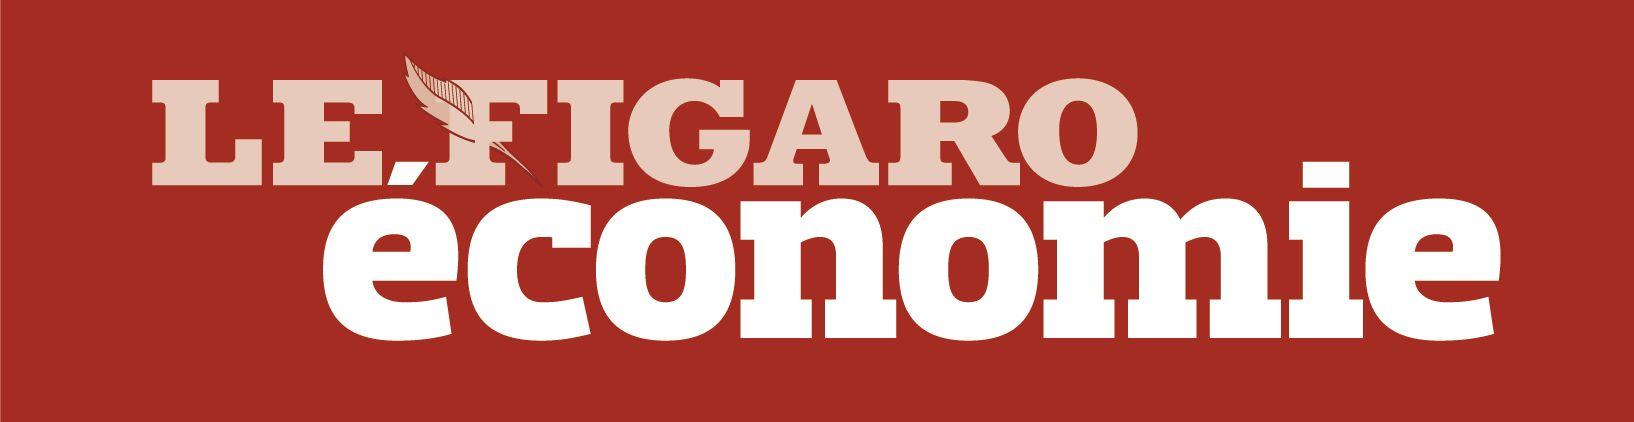 Le Figaro Economie